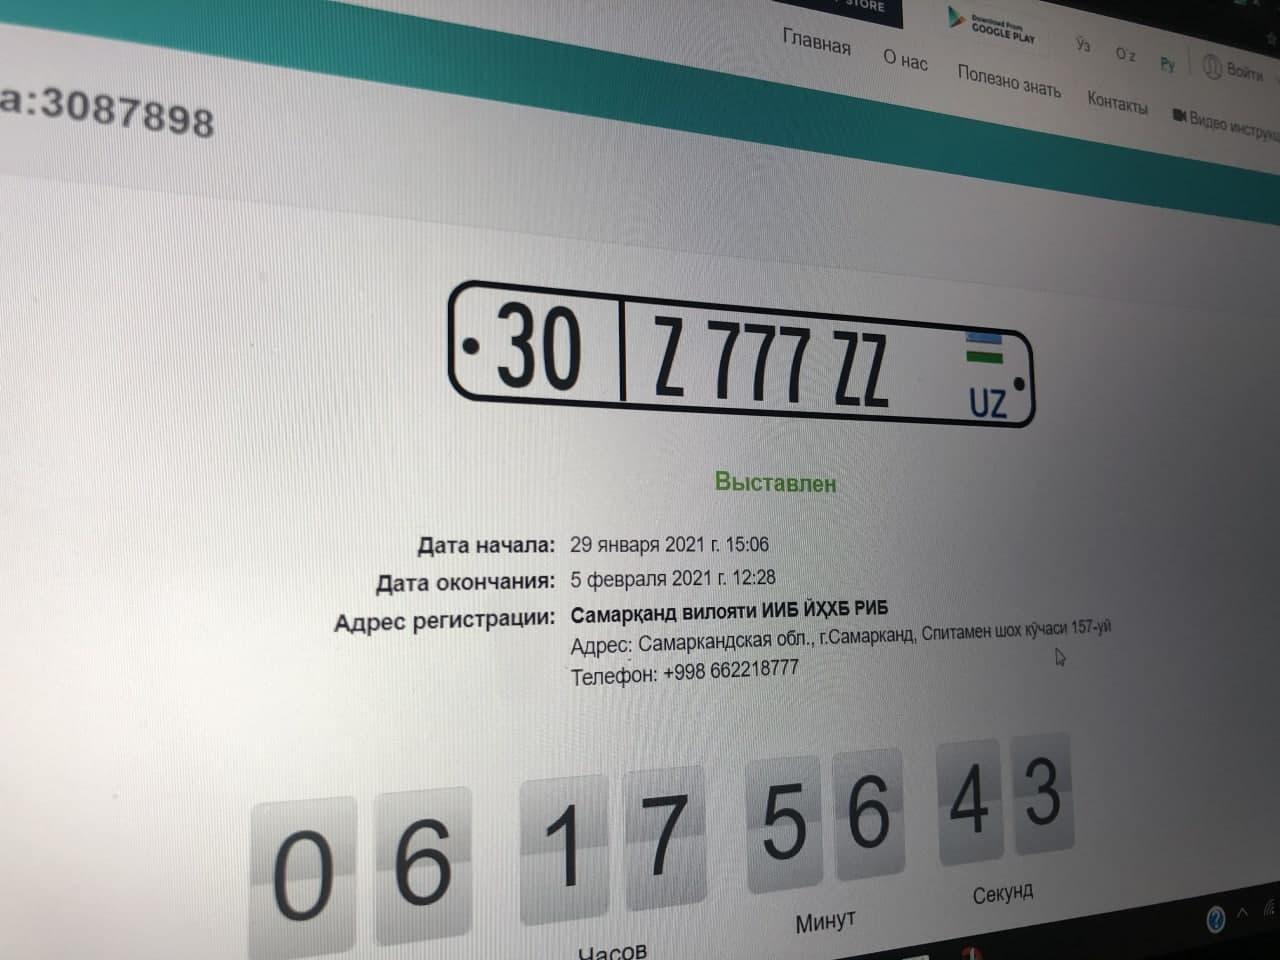 Самый дорогой номер в Узбекистане перевыставили на продажу